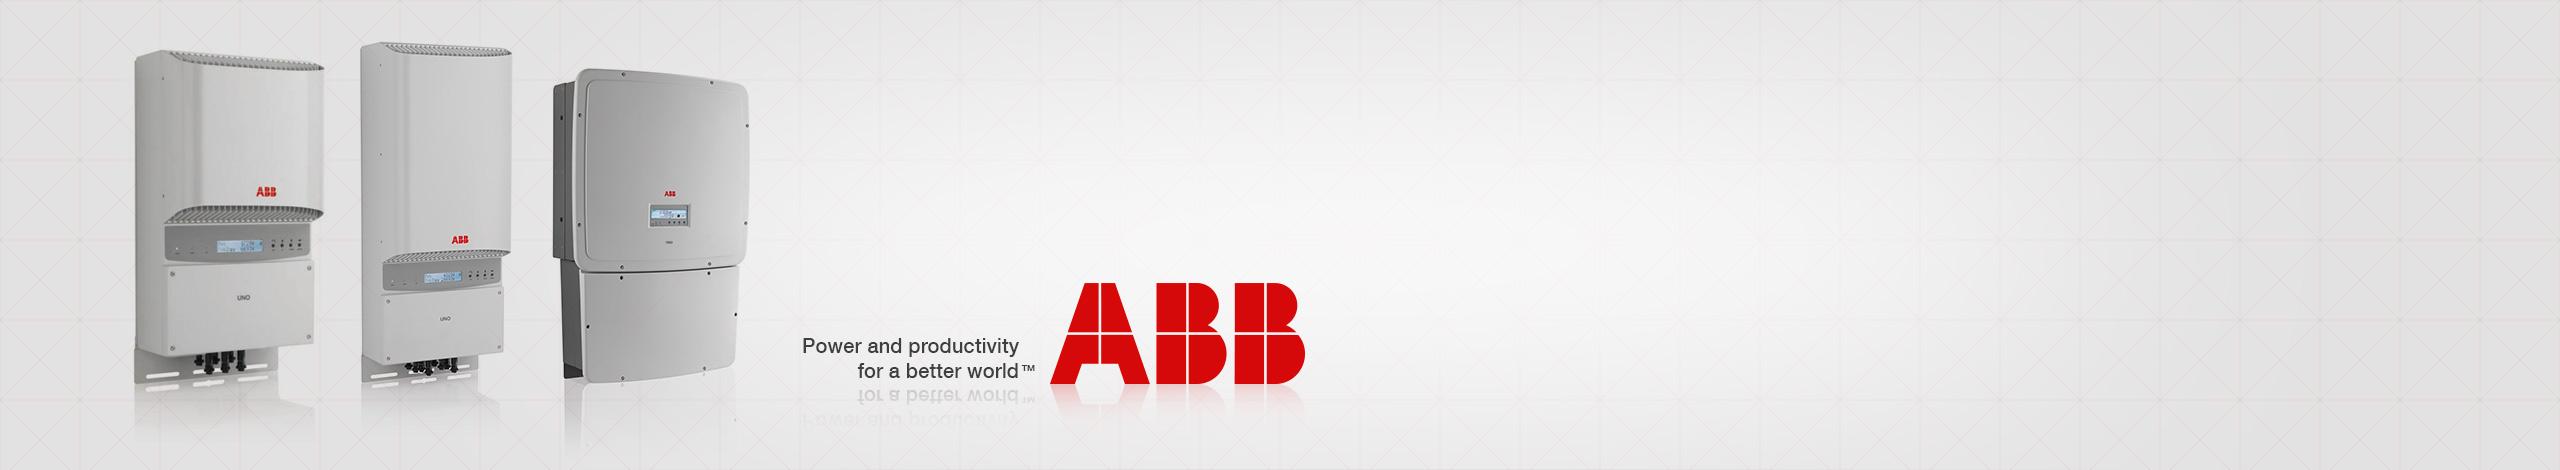 ABB-Slider